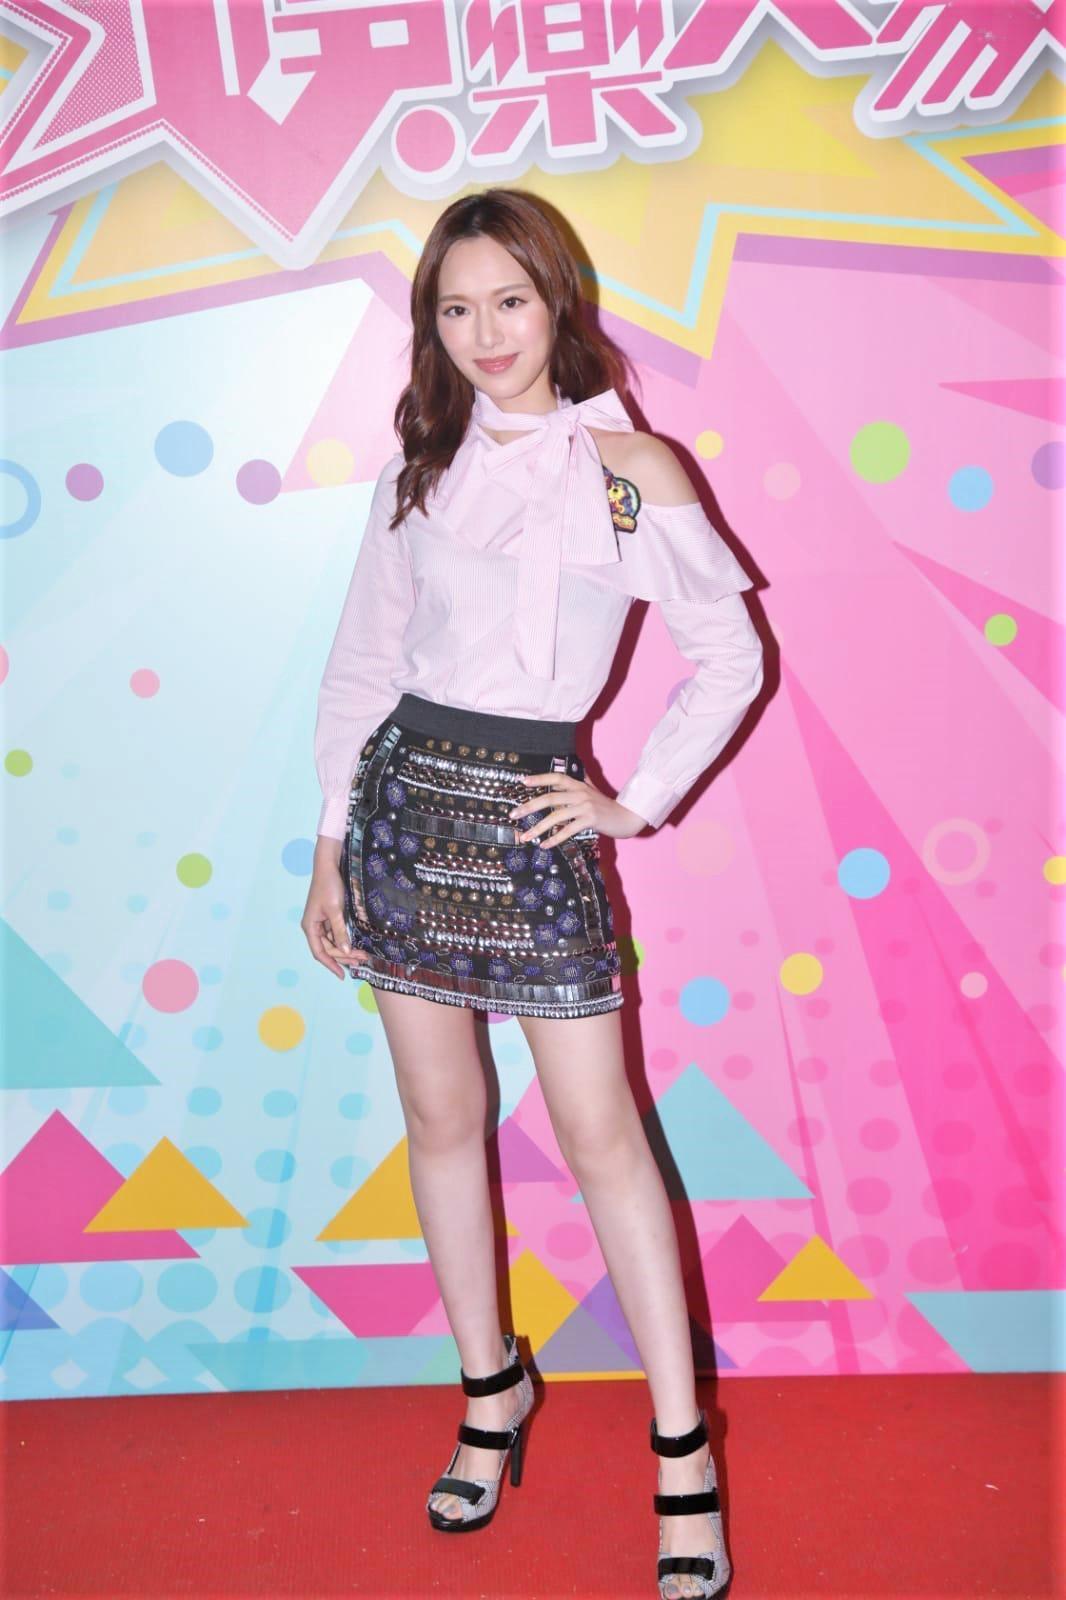 馮盈盈稱自己當年視Mina為偶像。